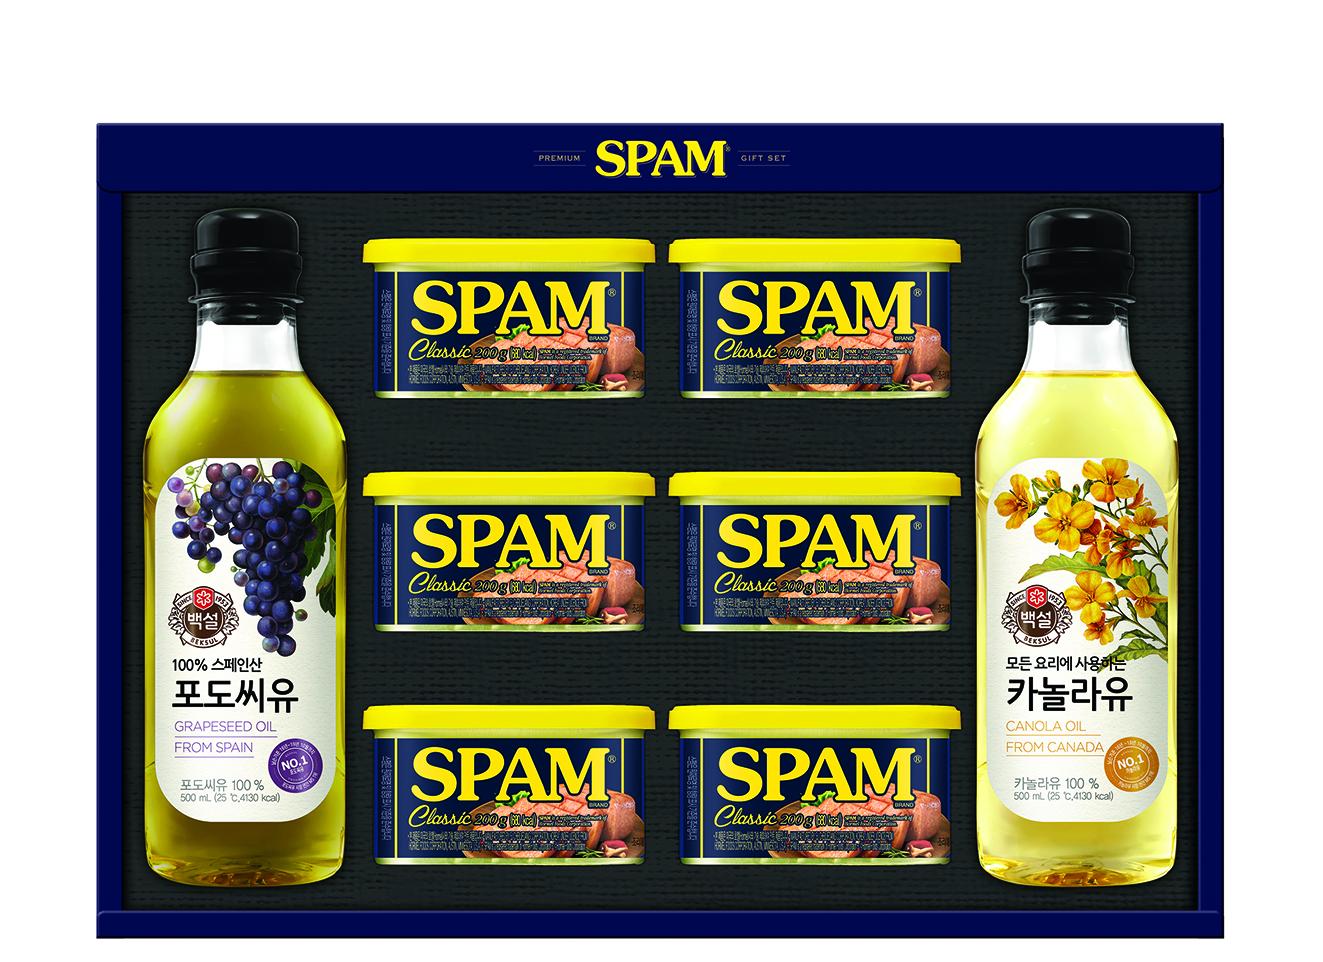 스팸 고급유4호 선물세트 + 쇼핑백, 1세트